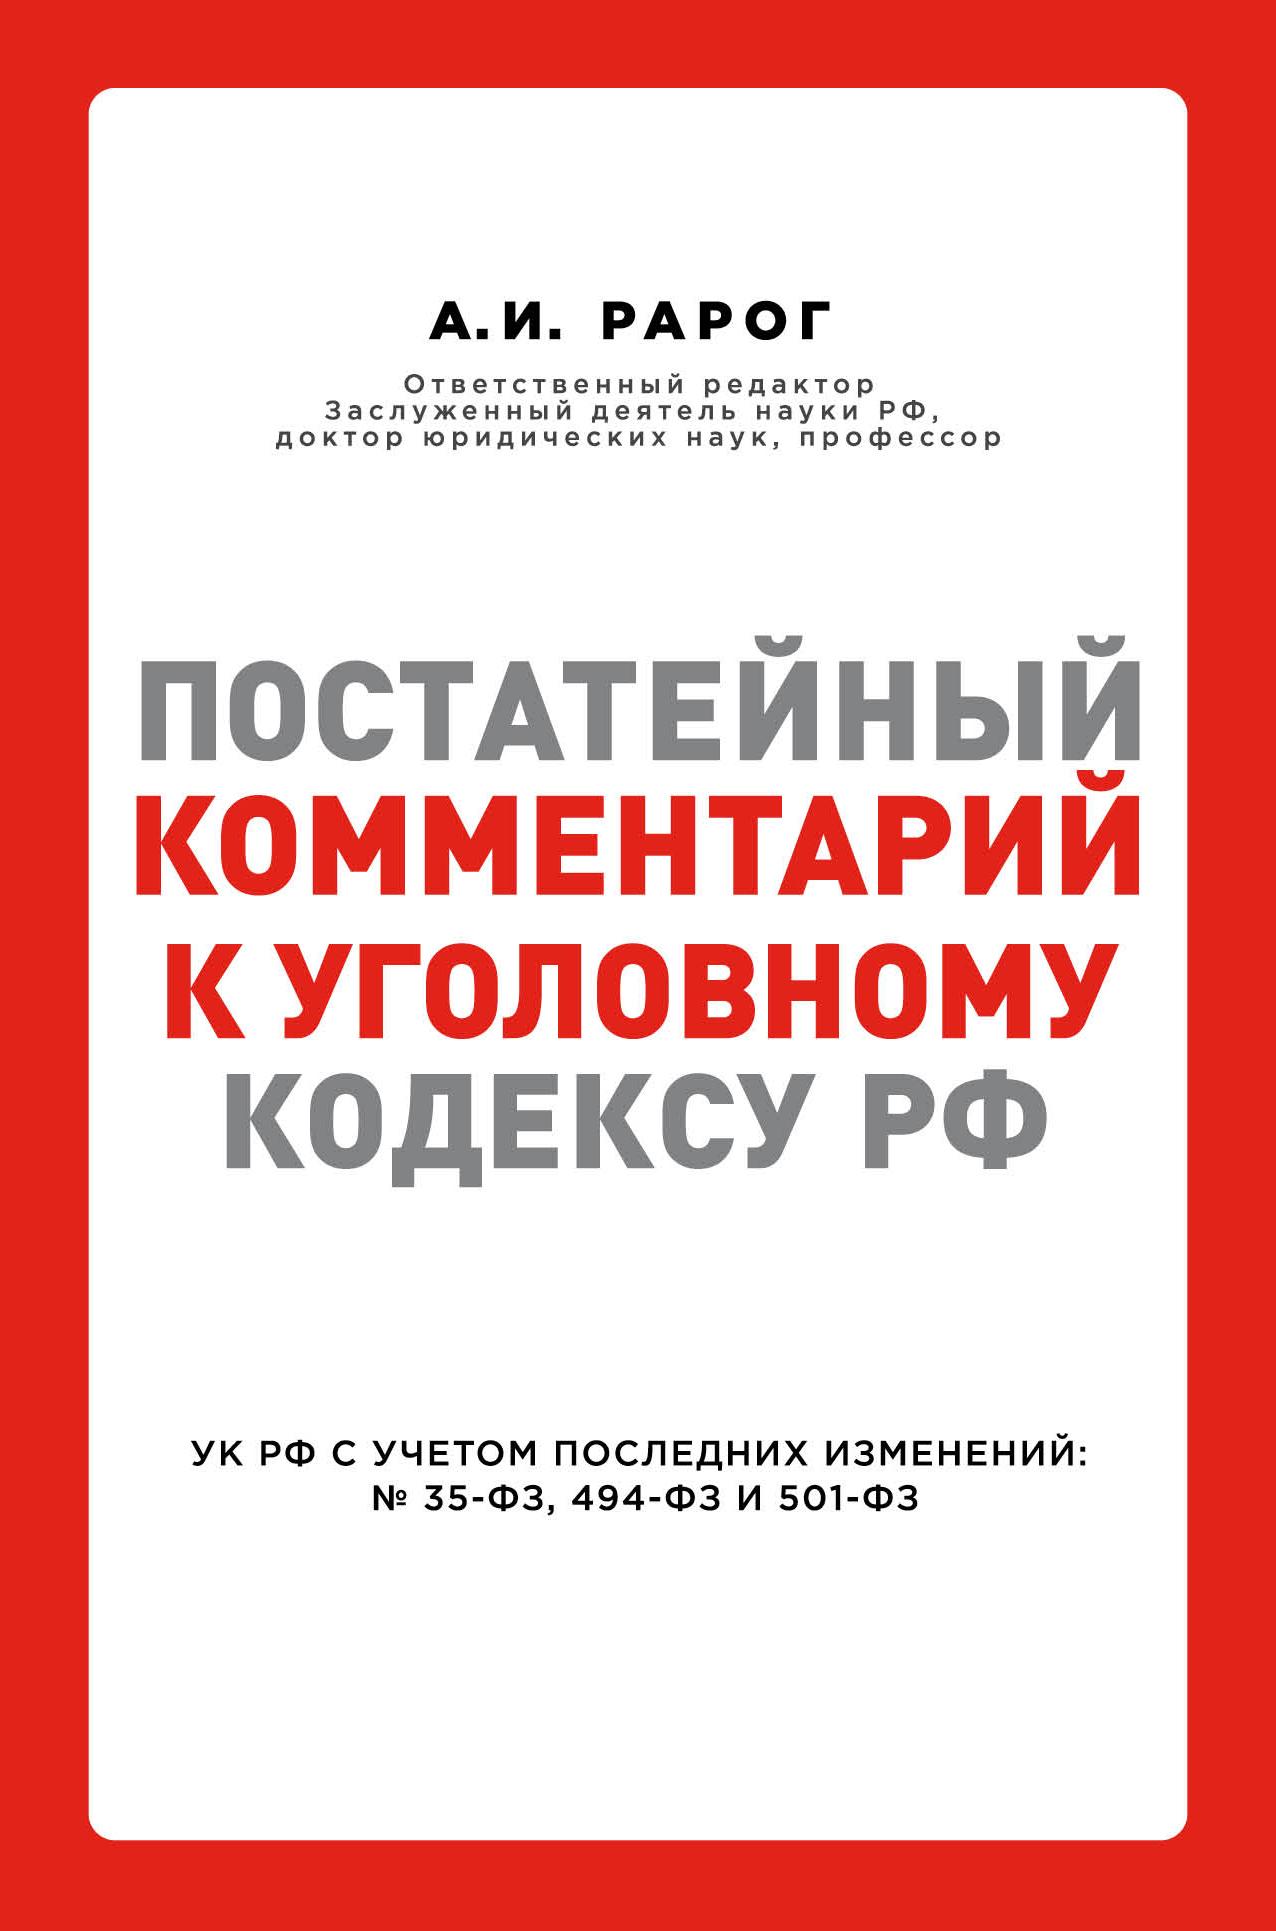 Коллектив авторов Постатейный комментарий к Уголовному кодексу РФ interactive level 4 dvd pal